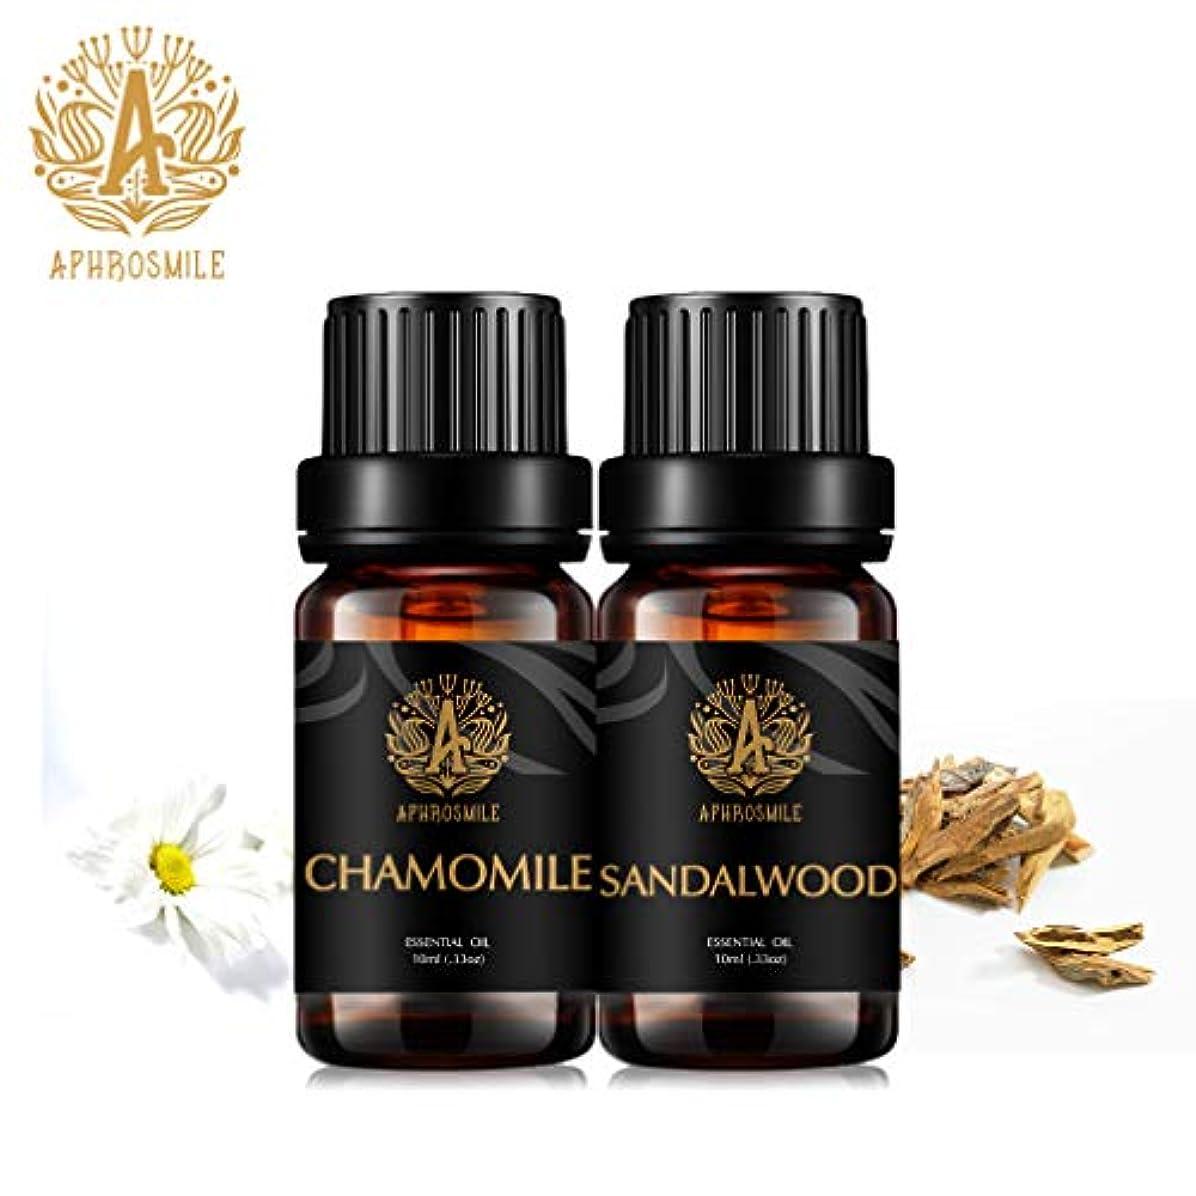 蒸確認してください臭いAPHORSMILE JP 100% 純粋と天然の精油、カモミール/サンダルウッド、2 /10mlボトル- 【エッセンシャルオイル】、アロマテラピー/デイリーケア可能